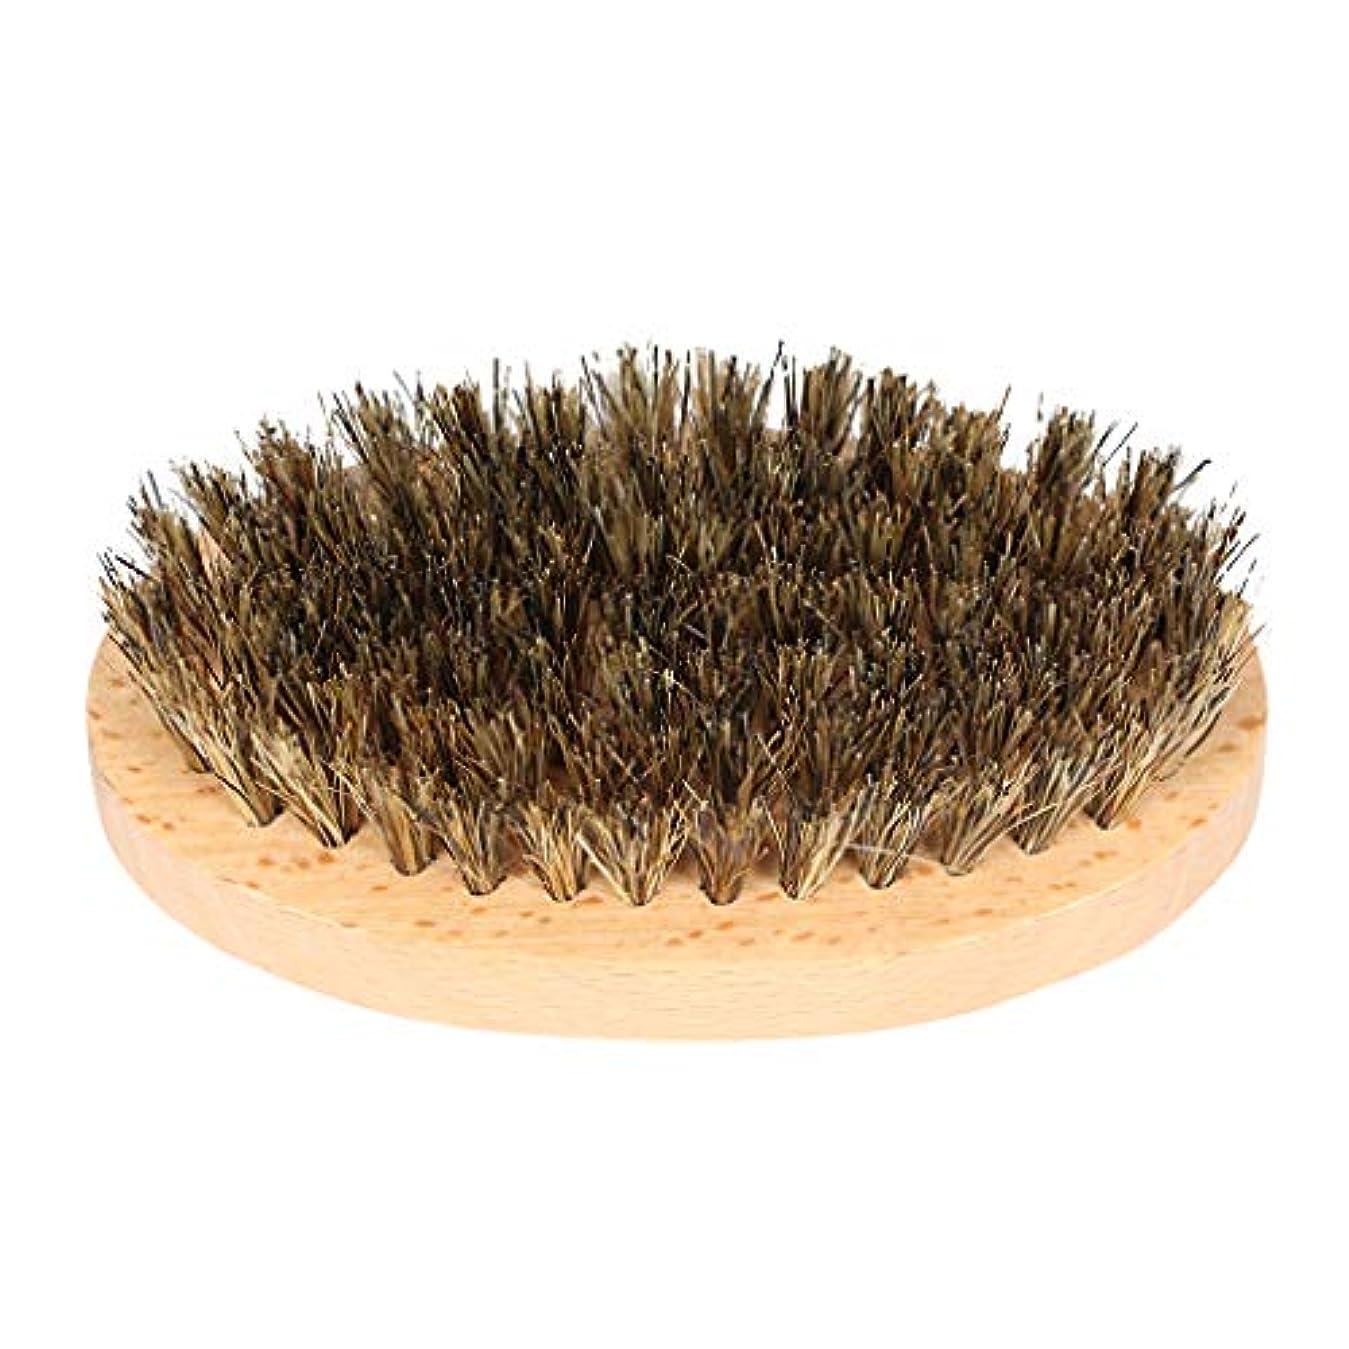 枯れる前書き証言する理髪店の男性の天然木のひげの口ひげ顔の髪のブラシ毛髪のブラシ